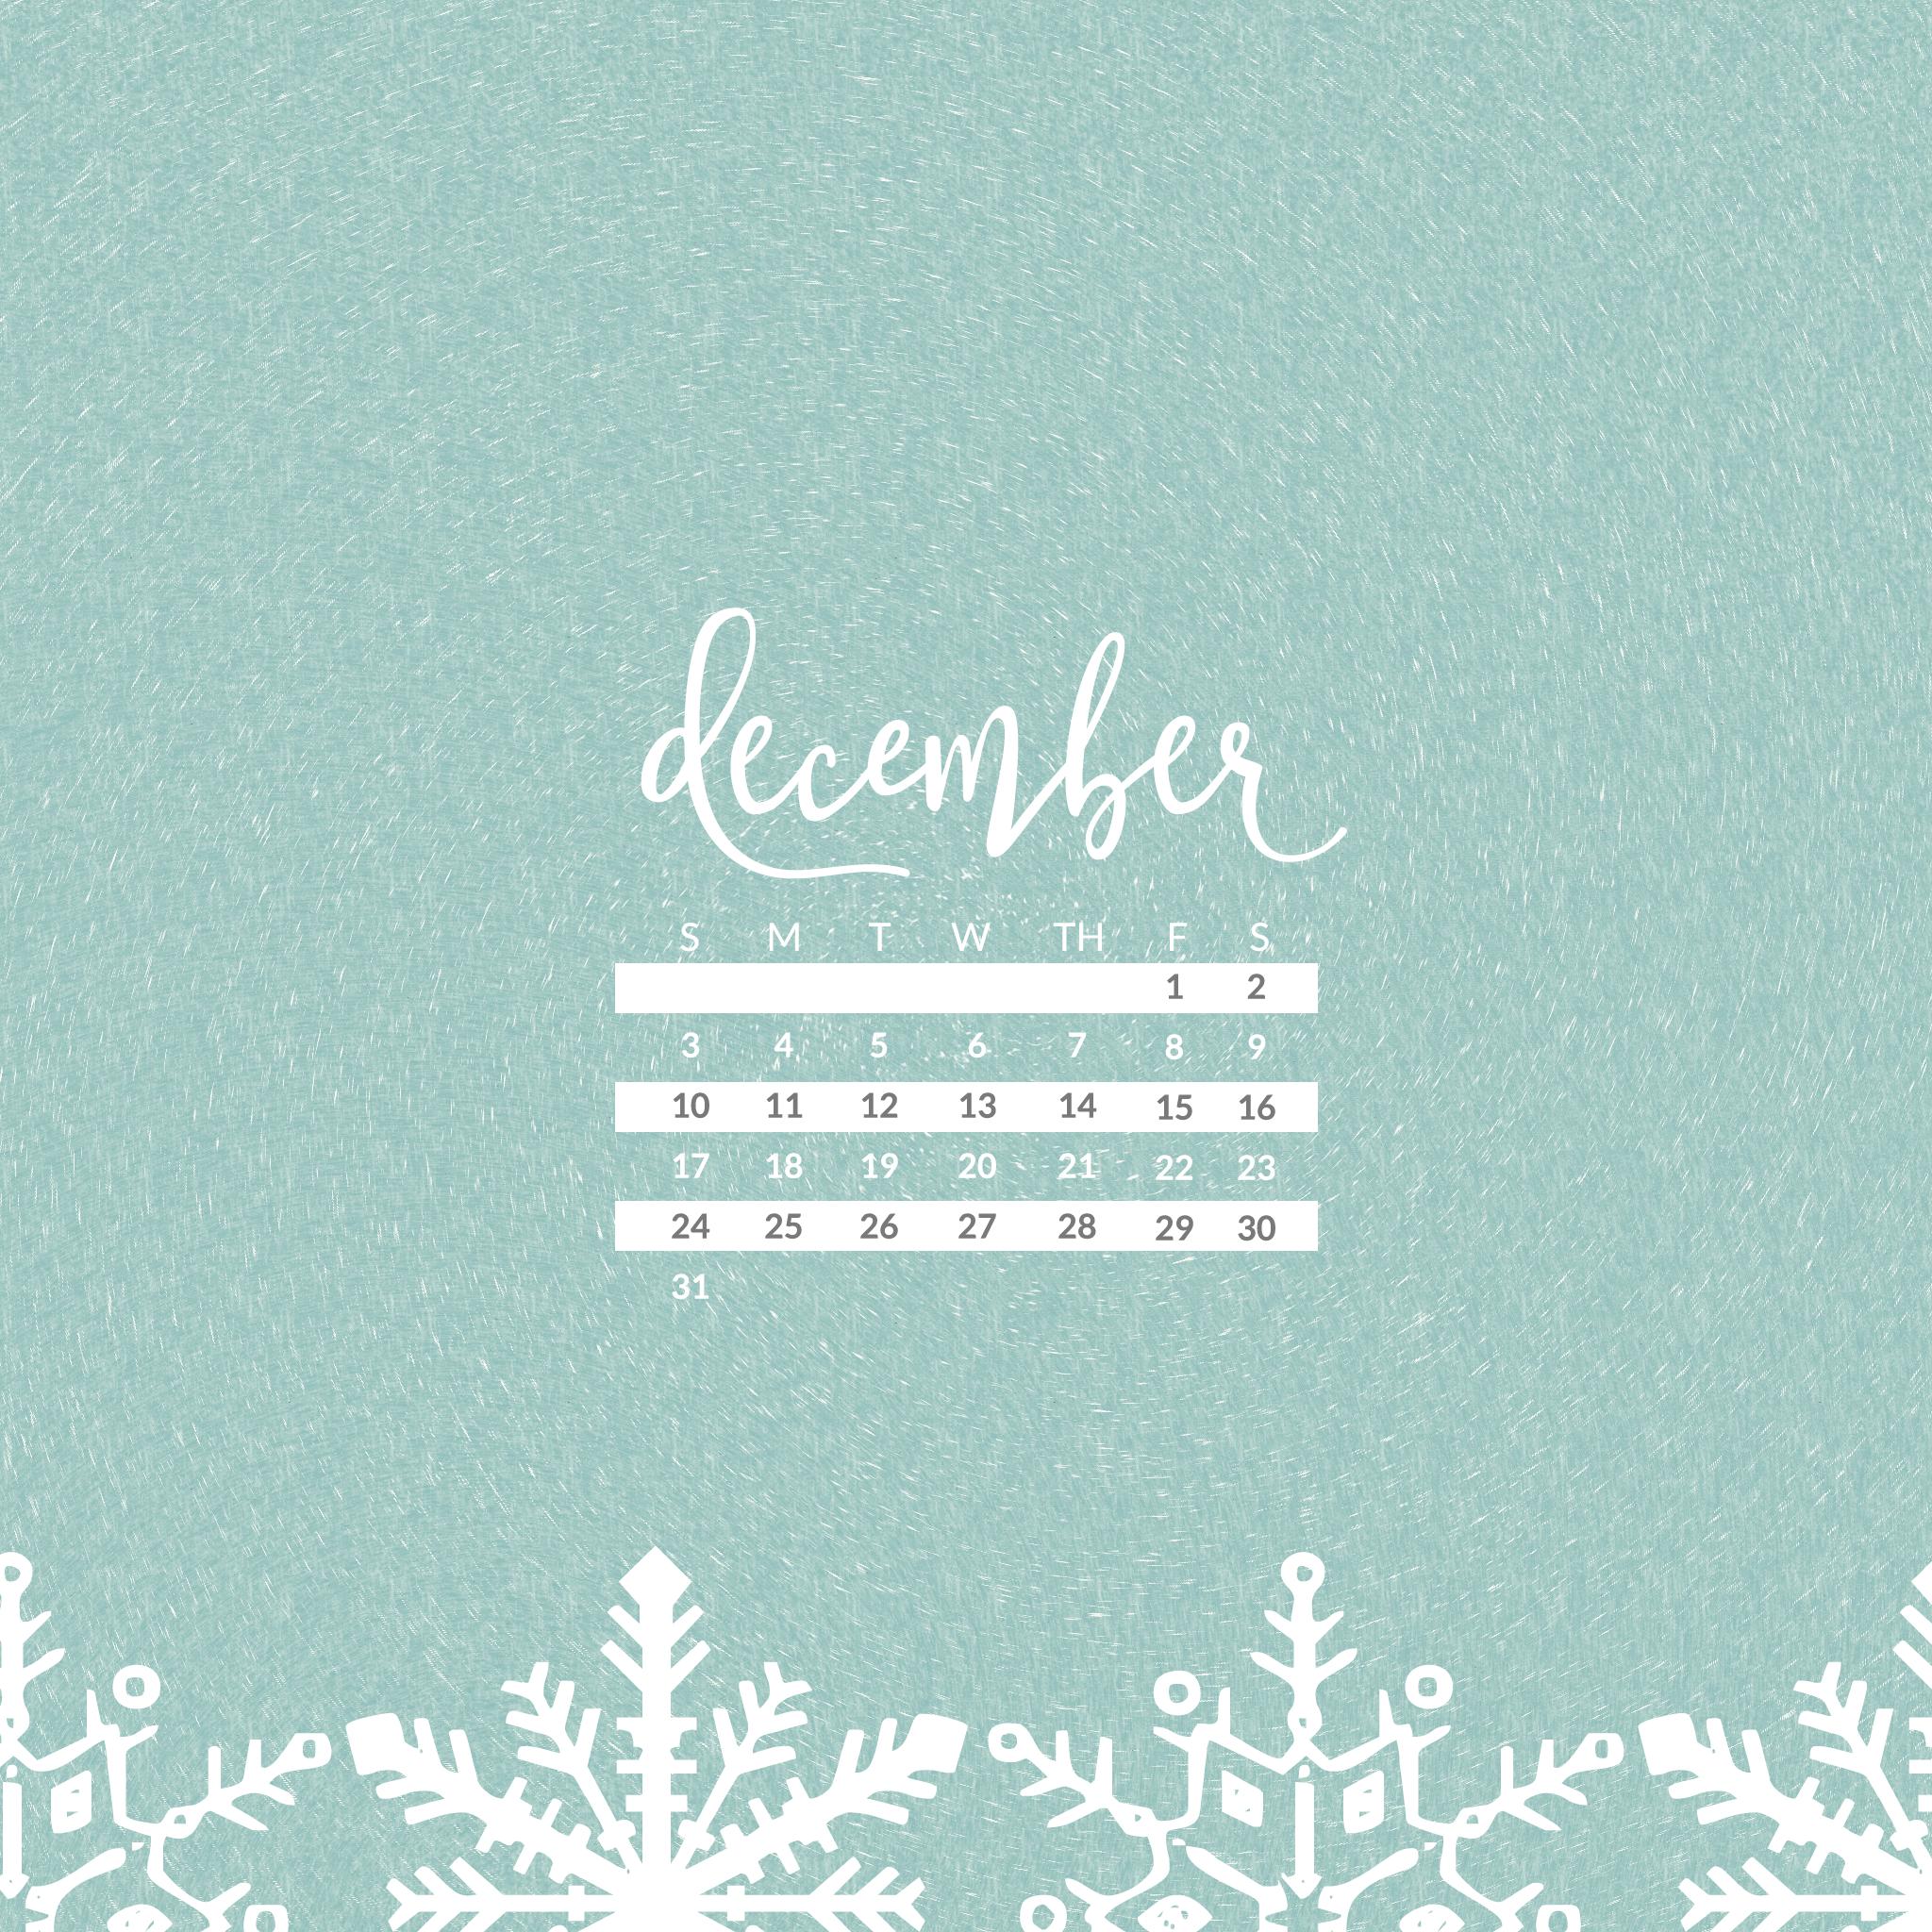 December 2017 Calendar Wallpaper - For Desktop & Mobile ...